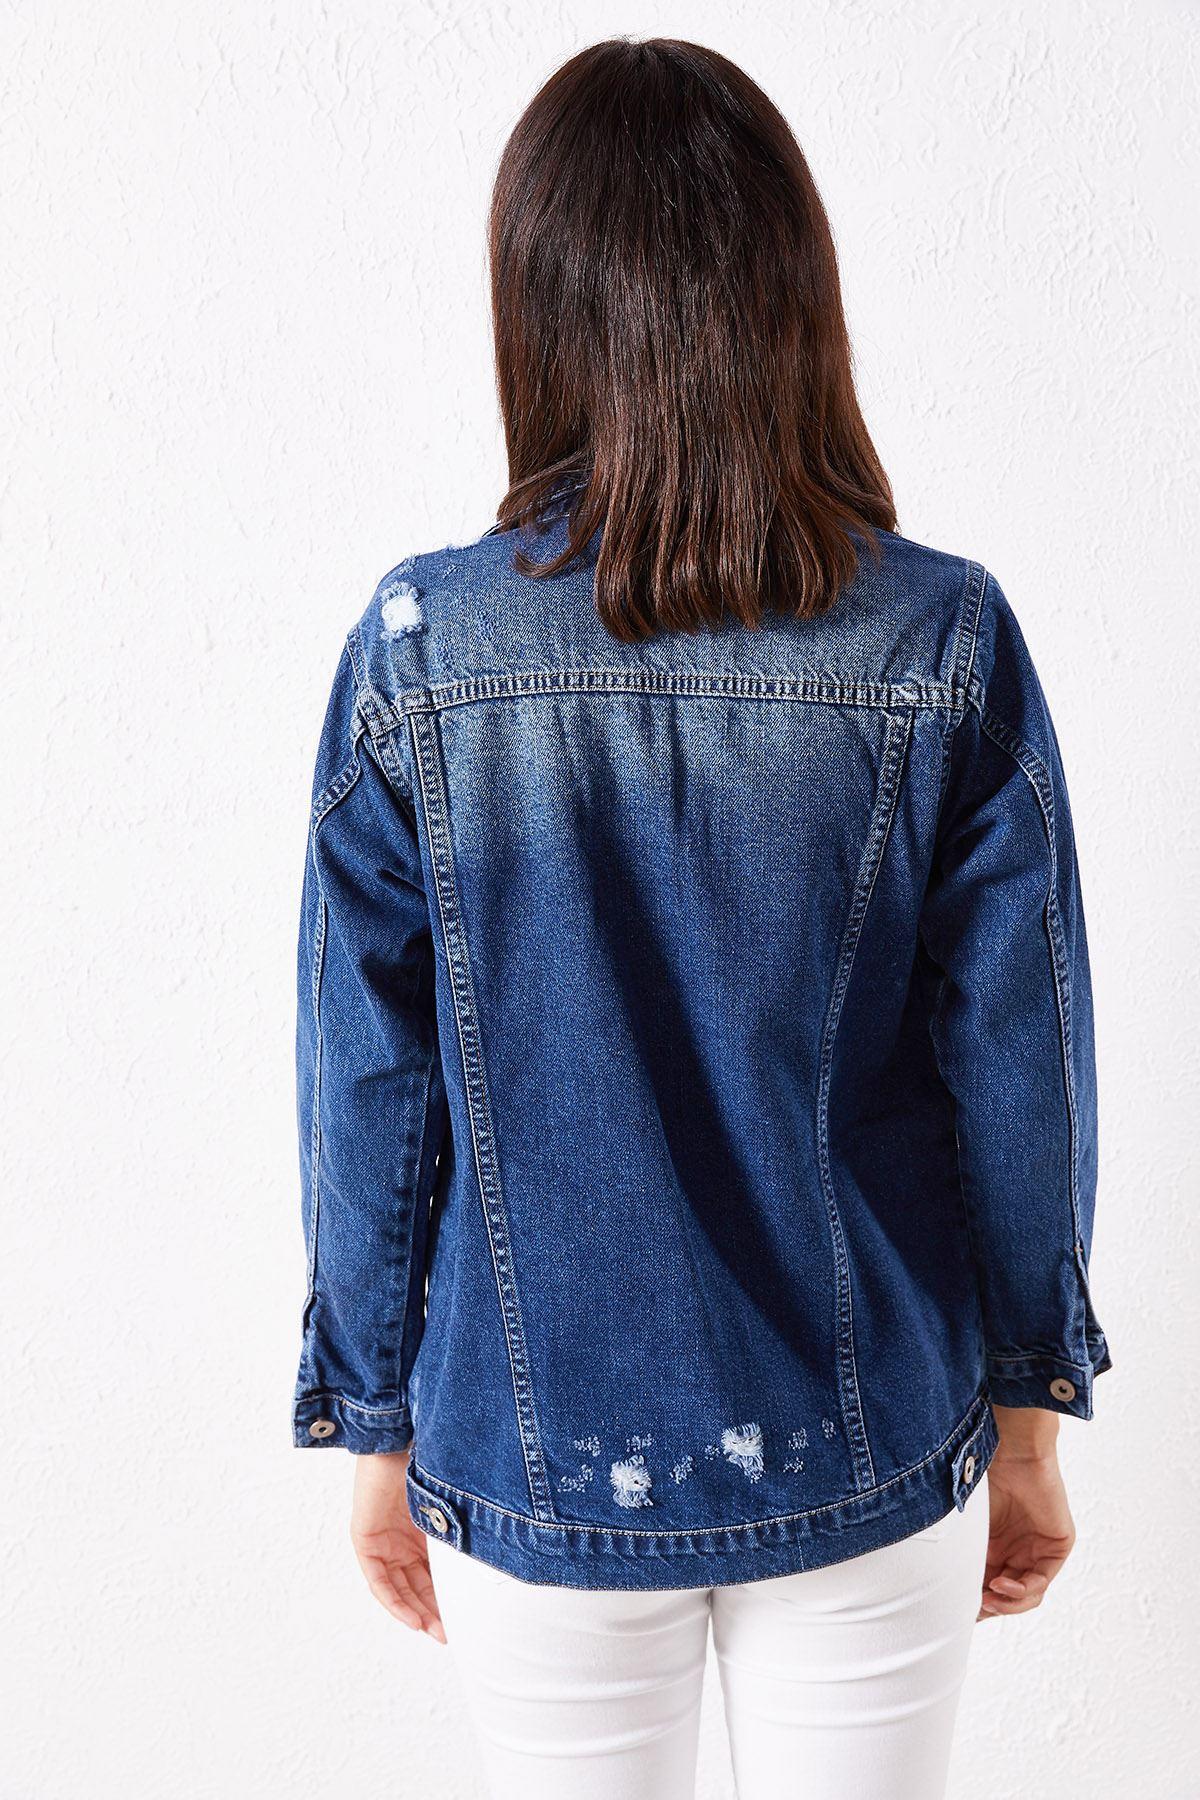 Kadın Yırtık Lacivert Kot Ceket